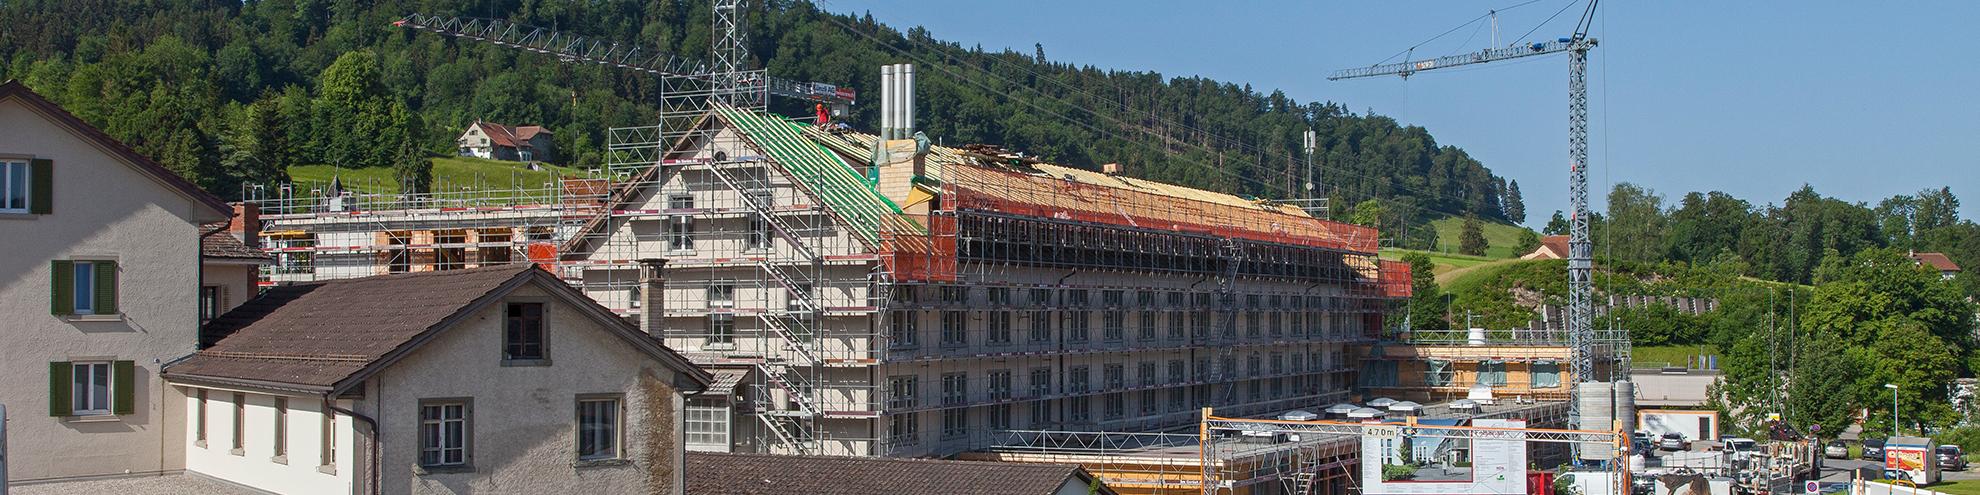 Baustelle in Wald ZH (Bild: Gemeinde Wald ZH)